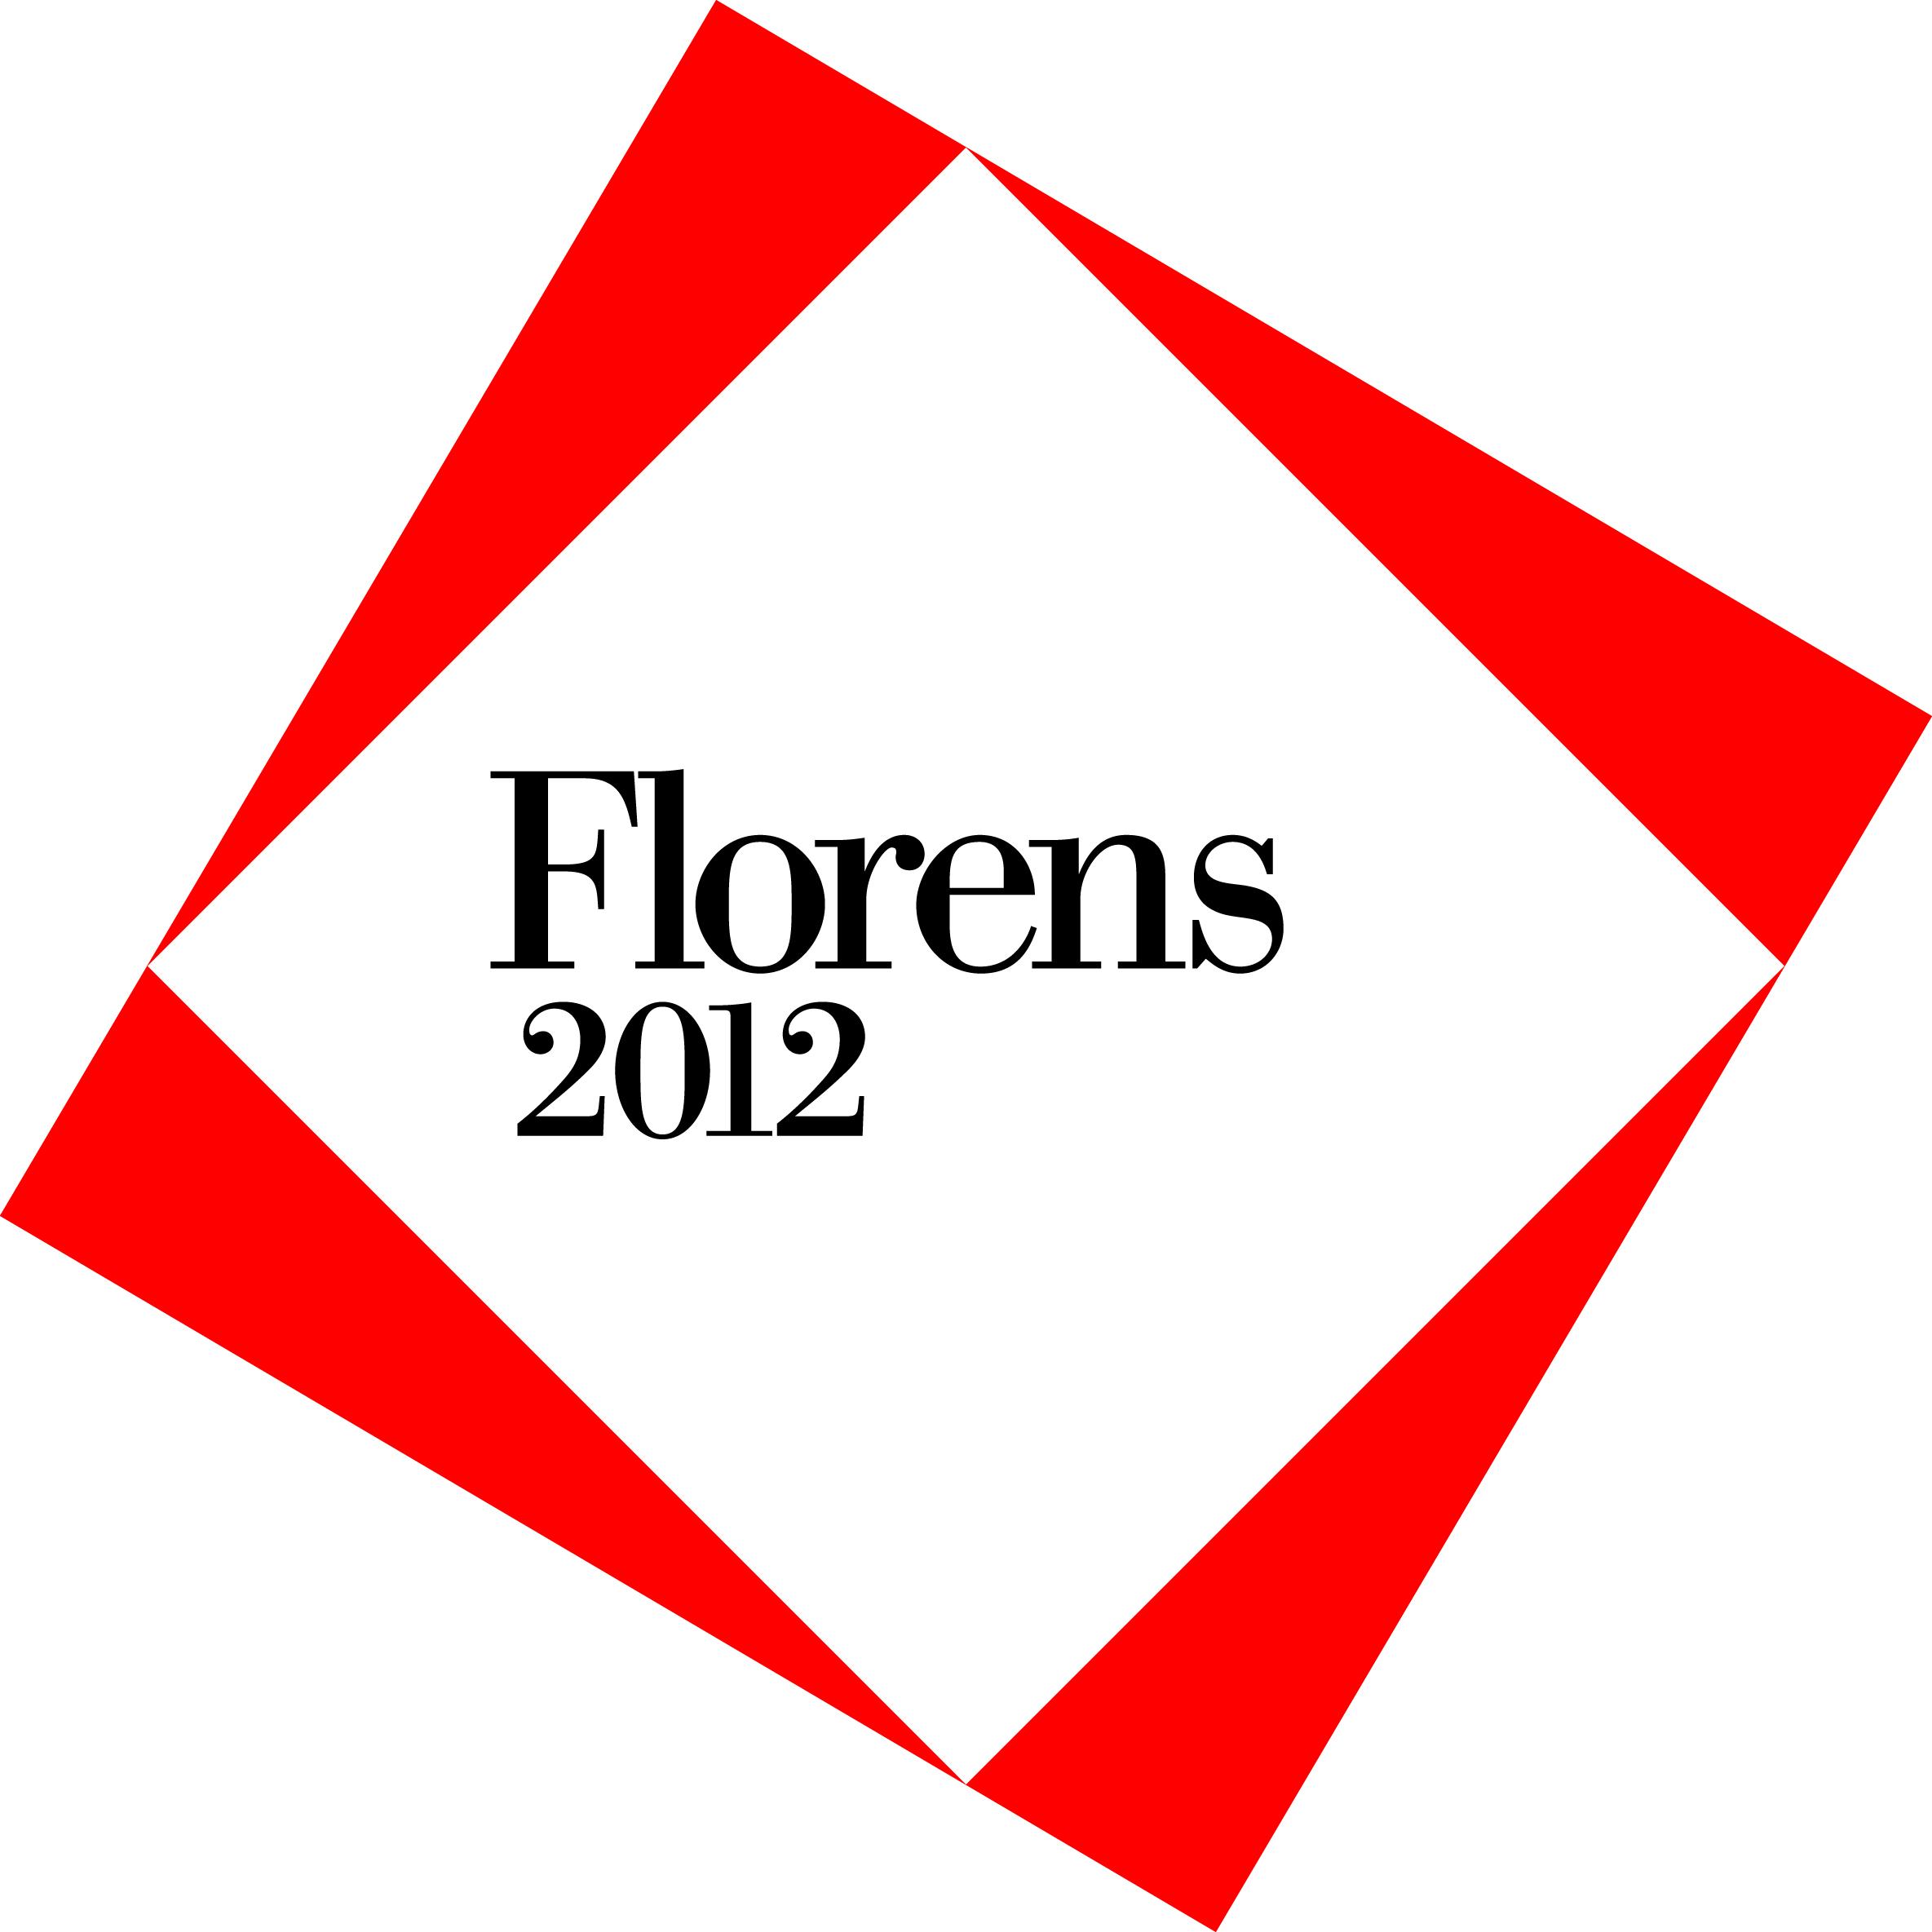 Presentato il programma di Florens 2012